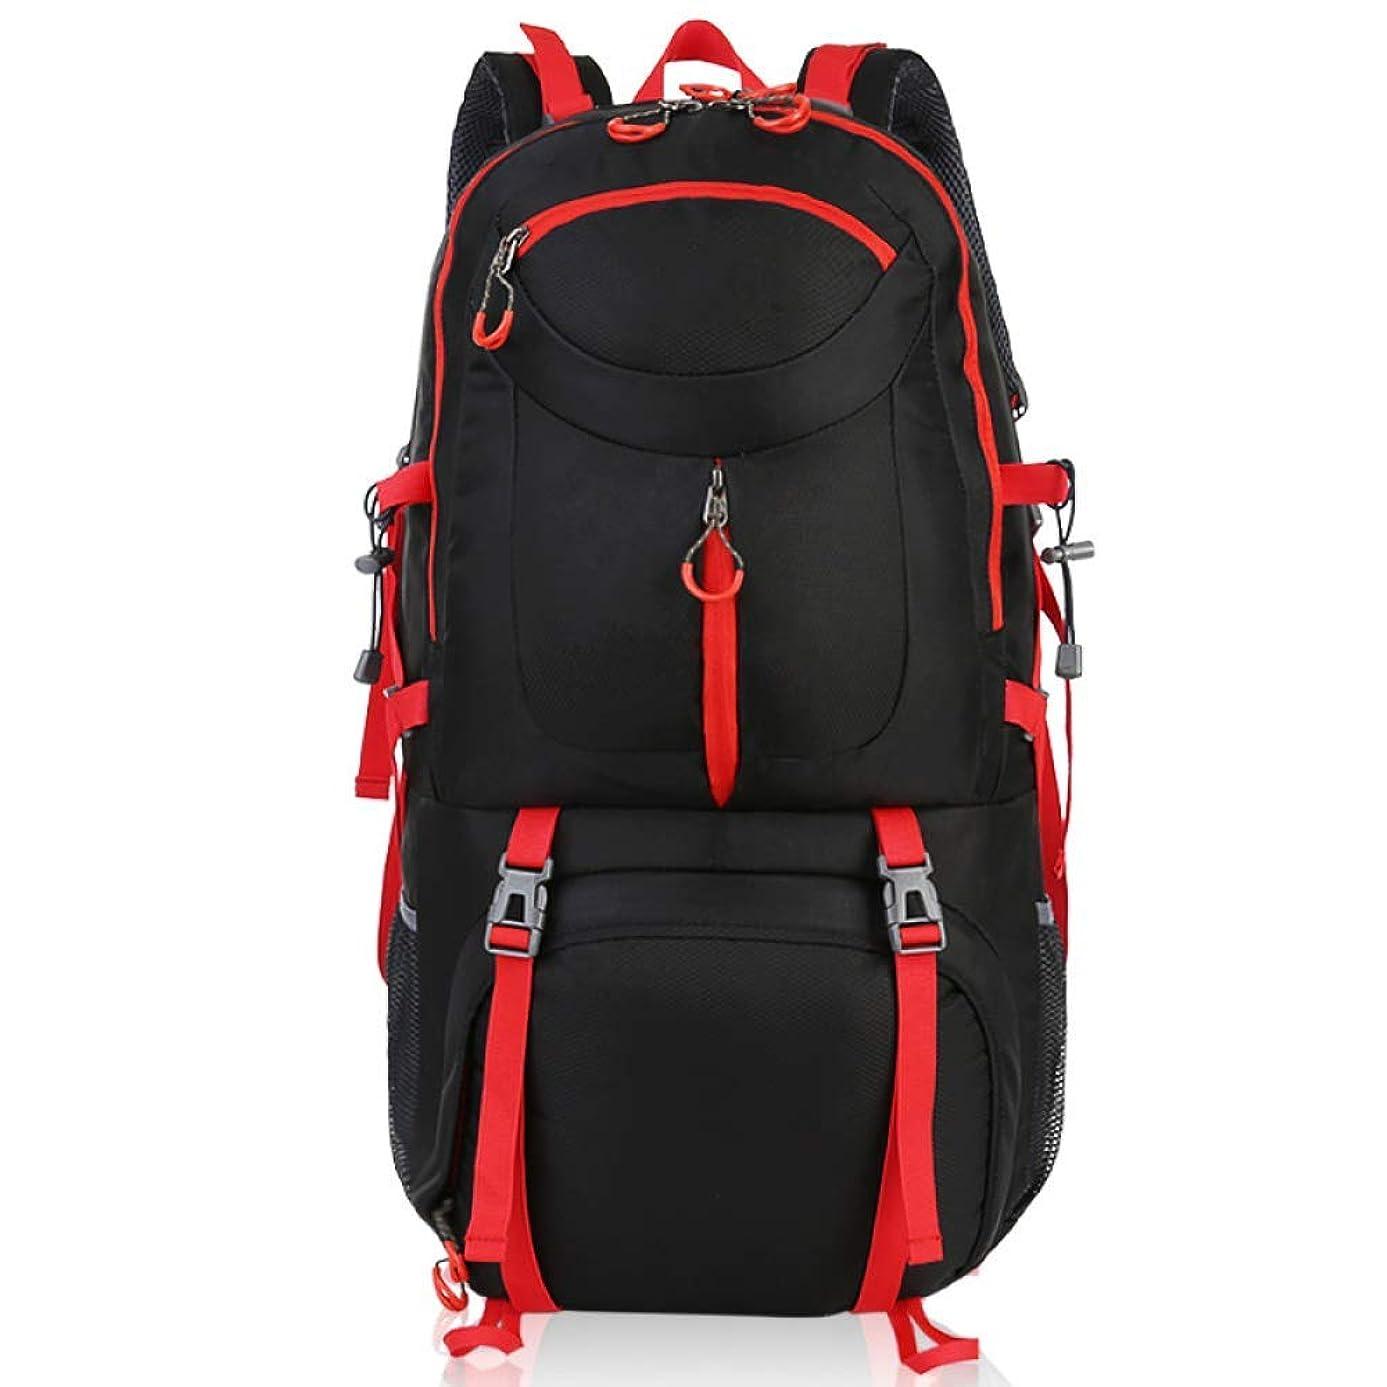 ステップ読み書きのできない借りる屋外登山バッグ、女性ハイキングレジャーバッグ、バックパック、男性旅行旅行バックパック、屋外バッグ